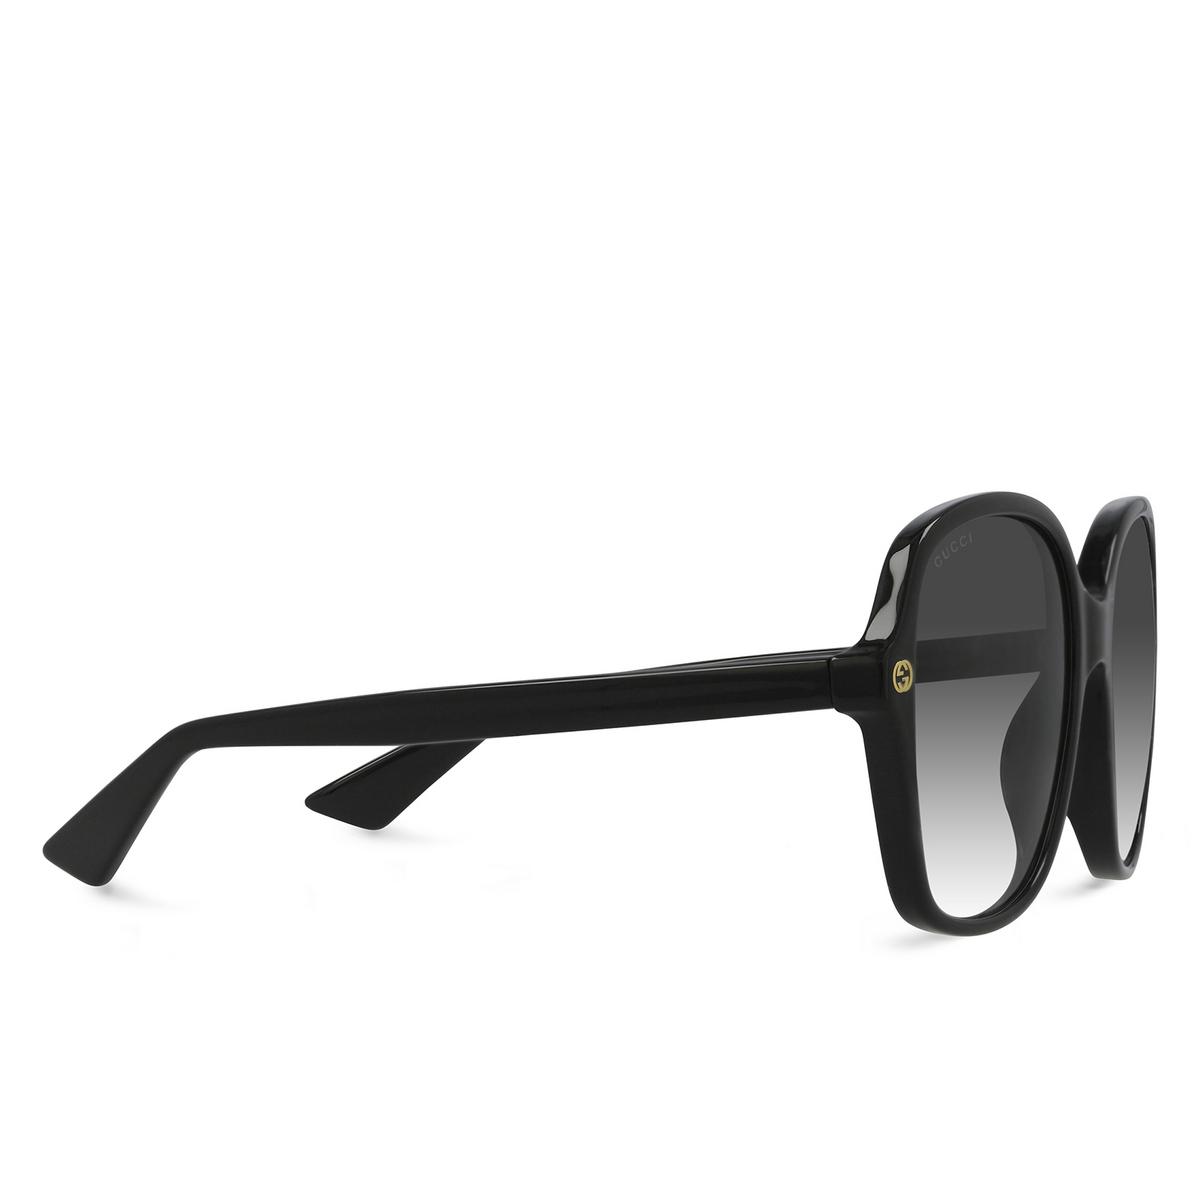 Gucci® Square Sunglasses: GG0092S color Black 001 - three-quarters view.